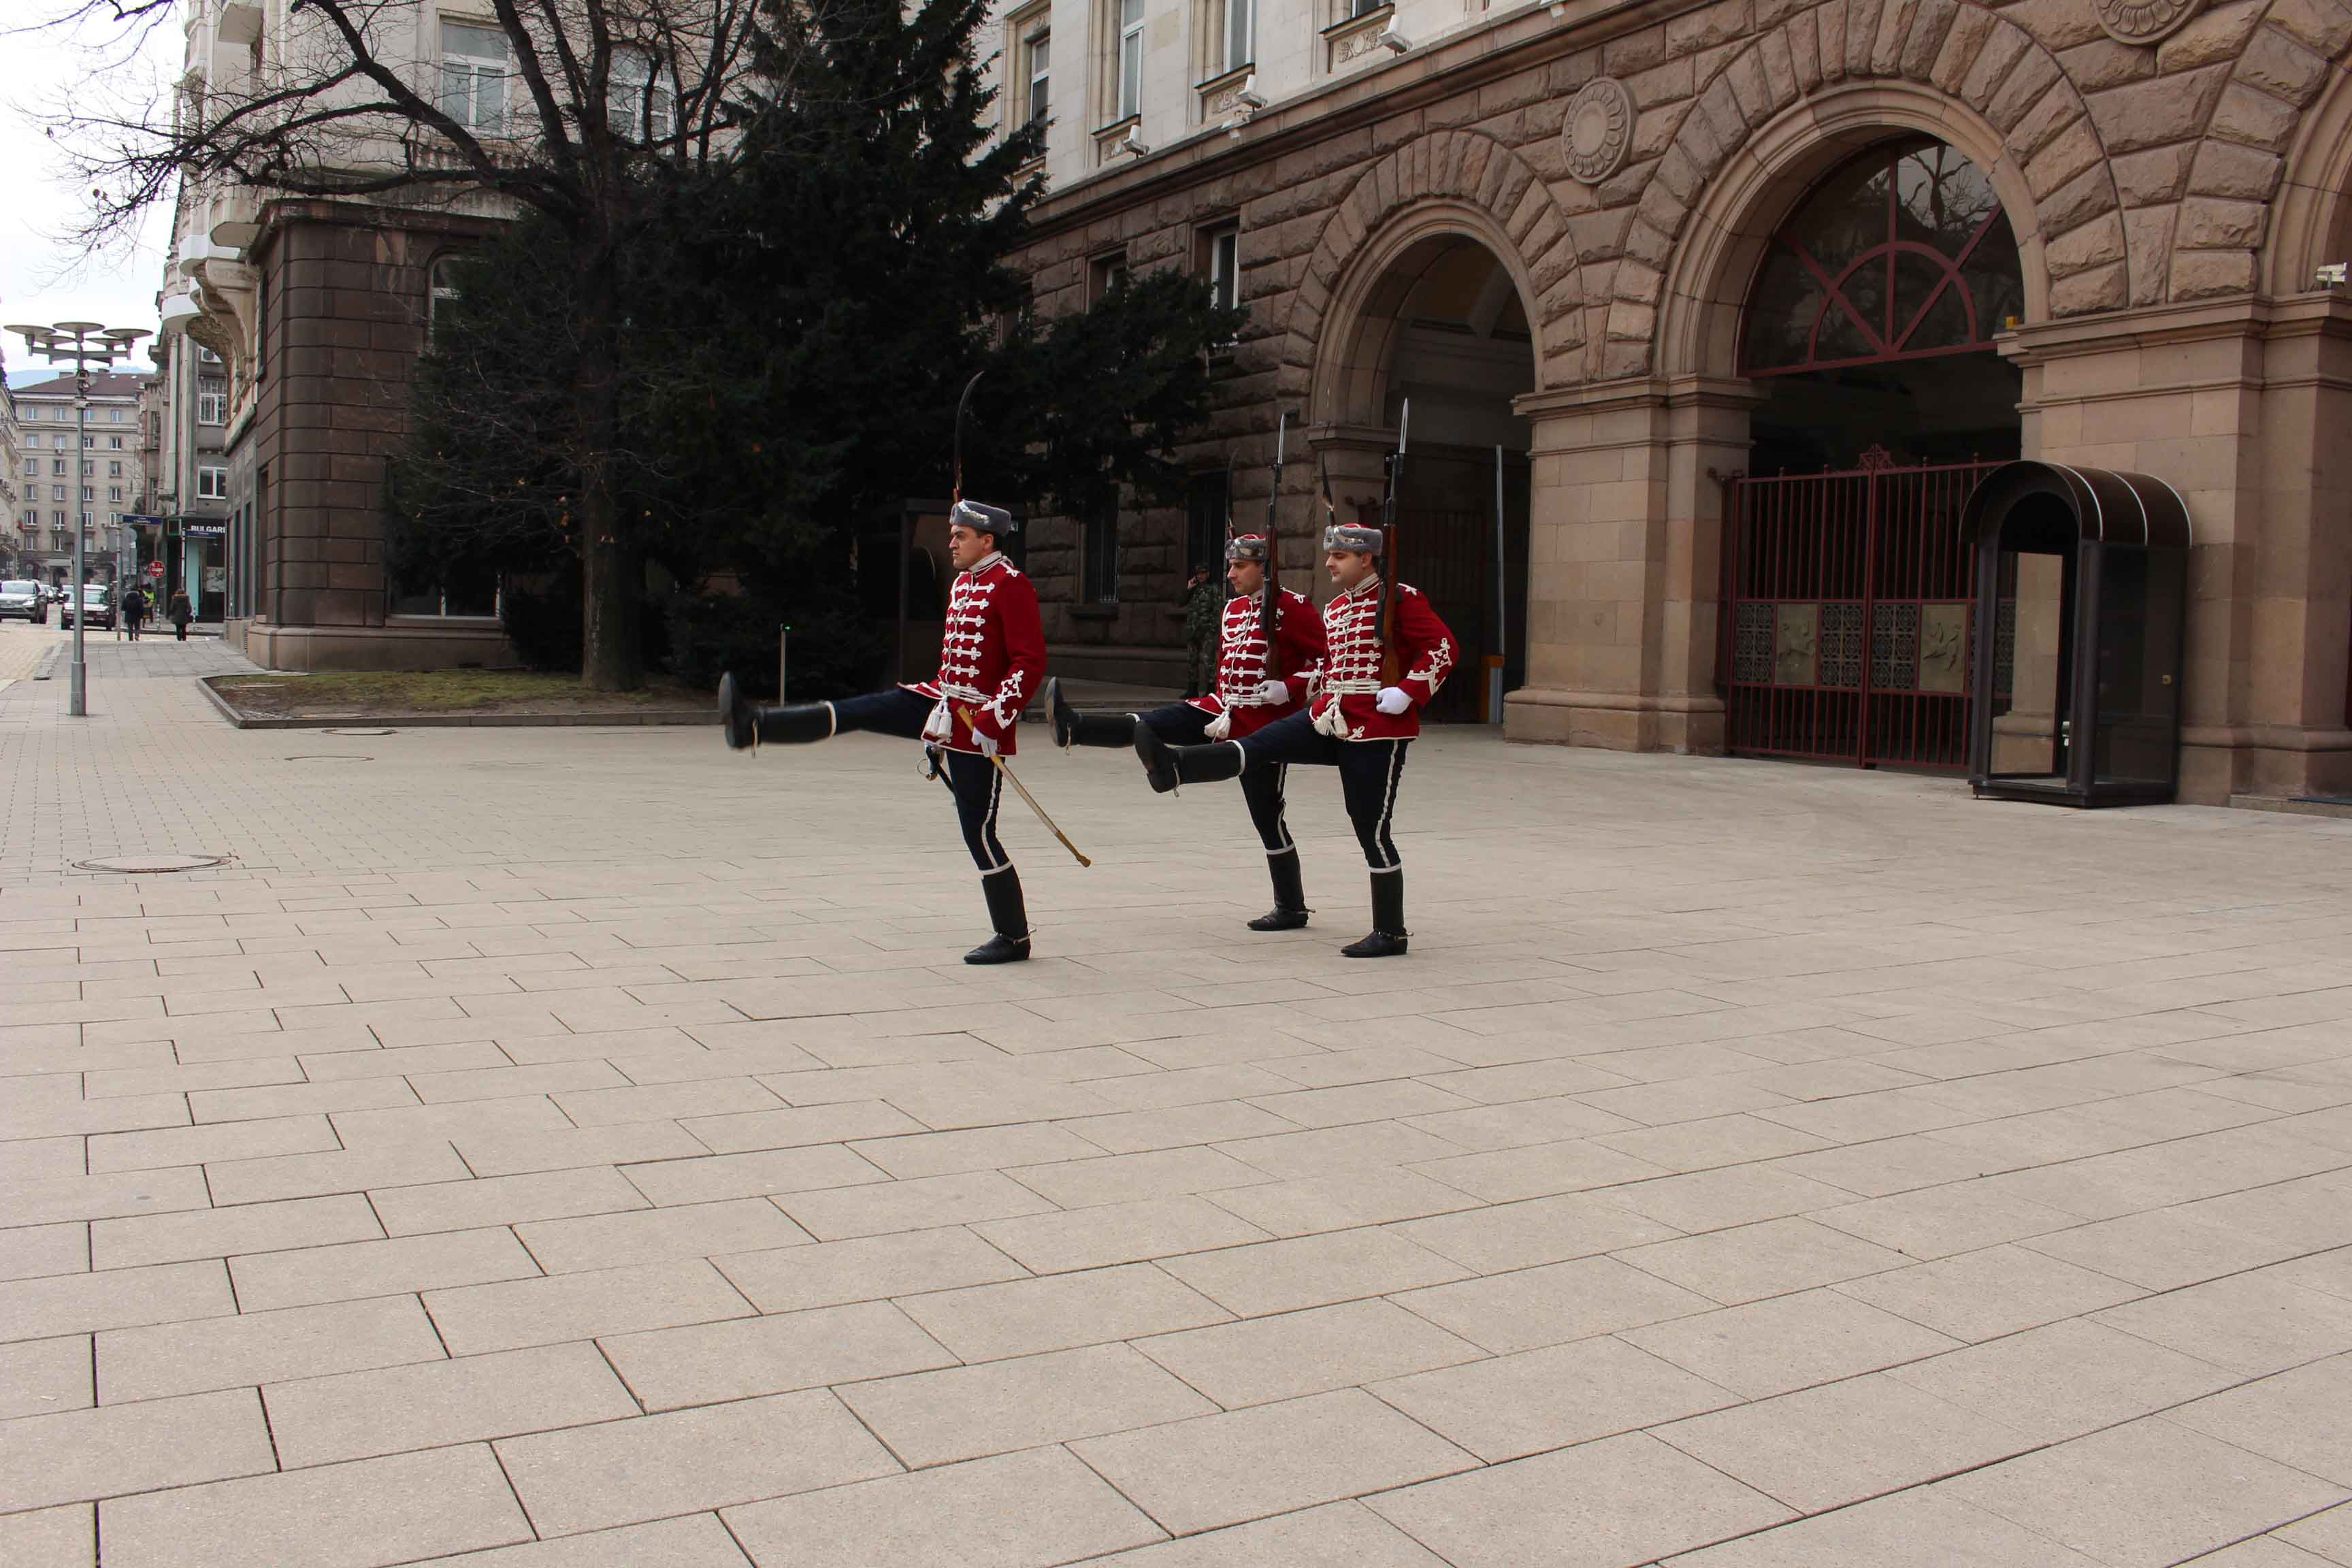 A ogni ora,nella piazza del palazzo presidenziale, avviene il cambio della guardia